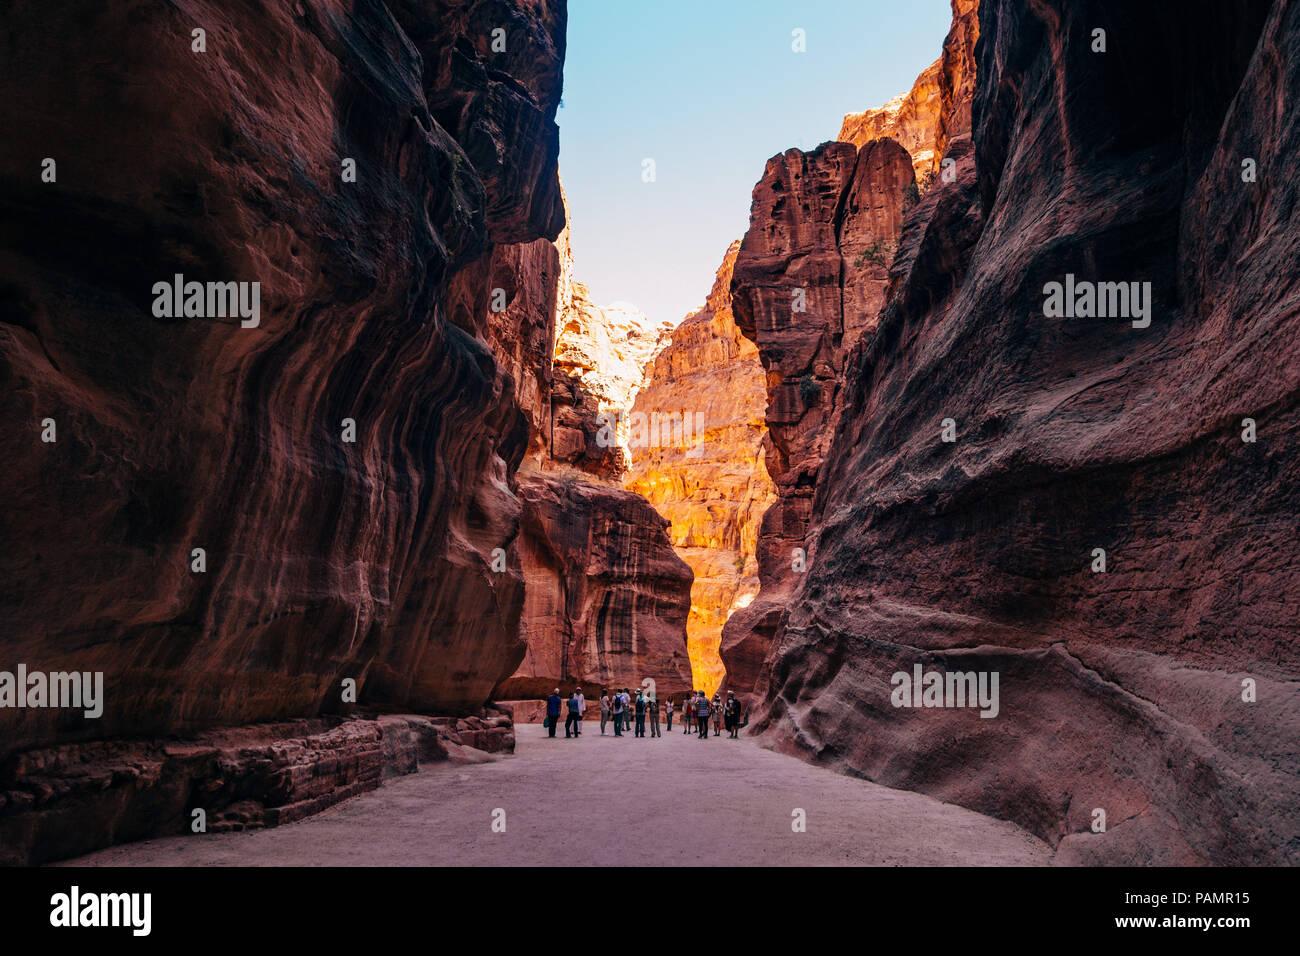 Un groupe touristique parcourt le chemin principal en Petra, Jordanie. Le canyon a été sculpté par le fractionnement du rock lors d'un tremblement de terre Photo Stock